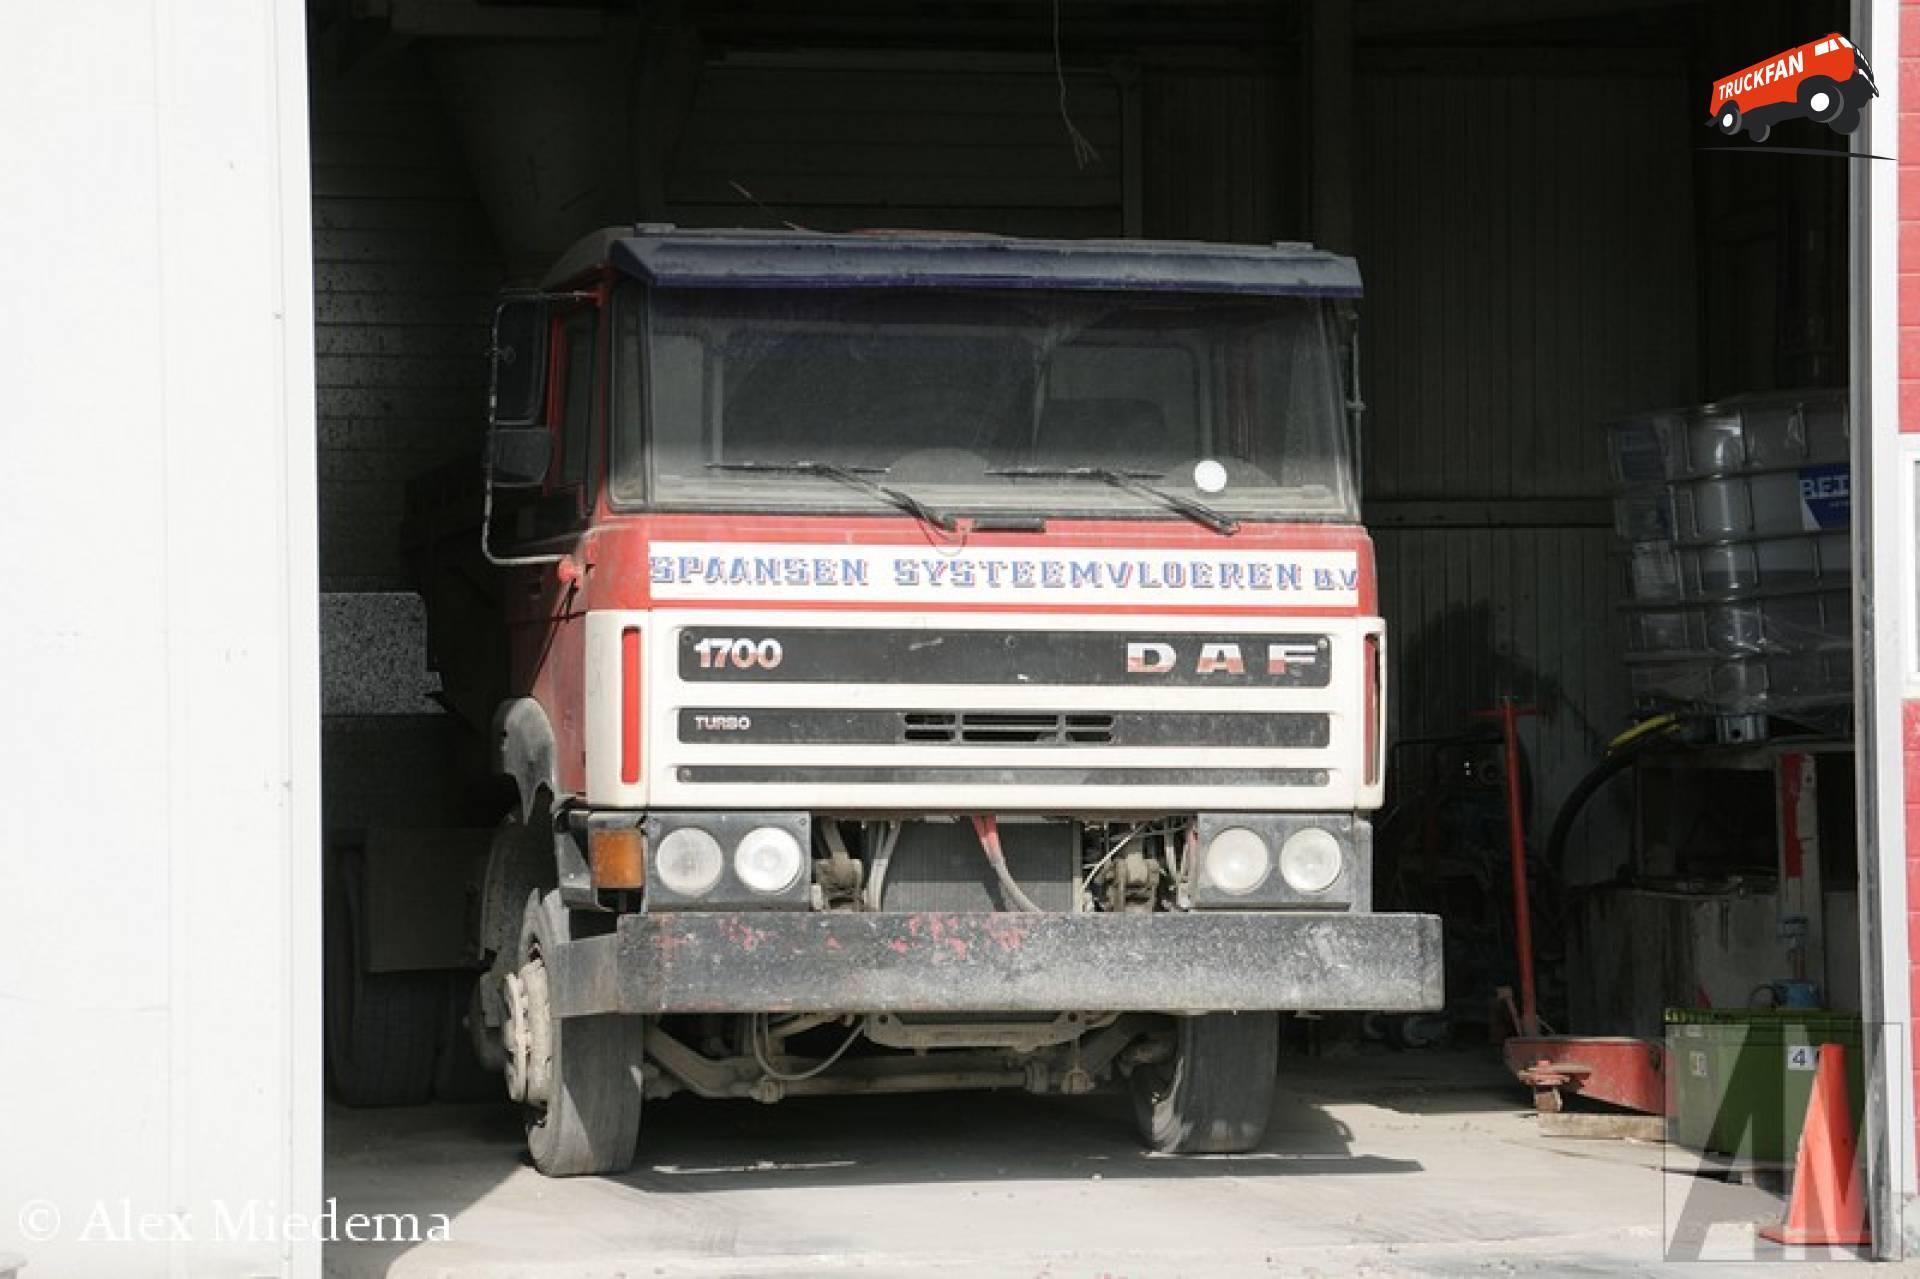 DAF 1700